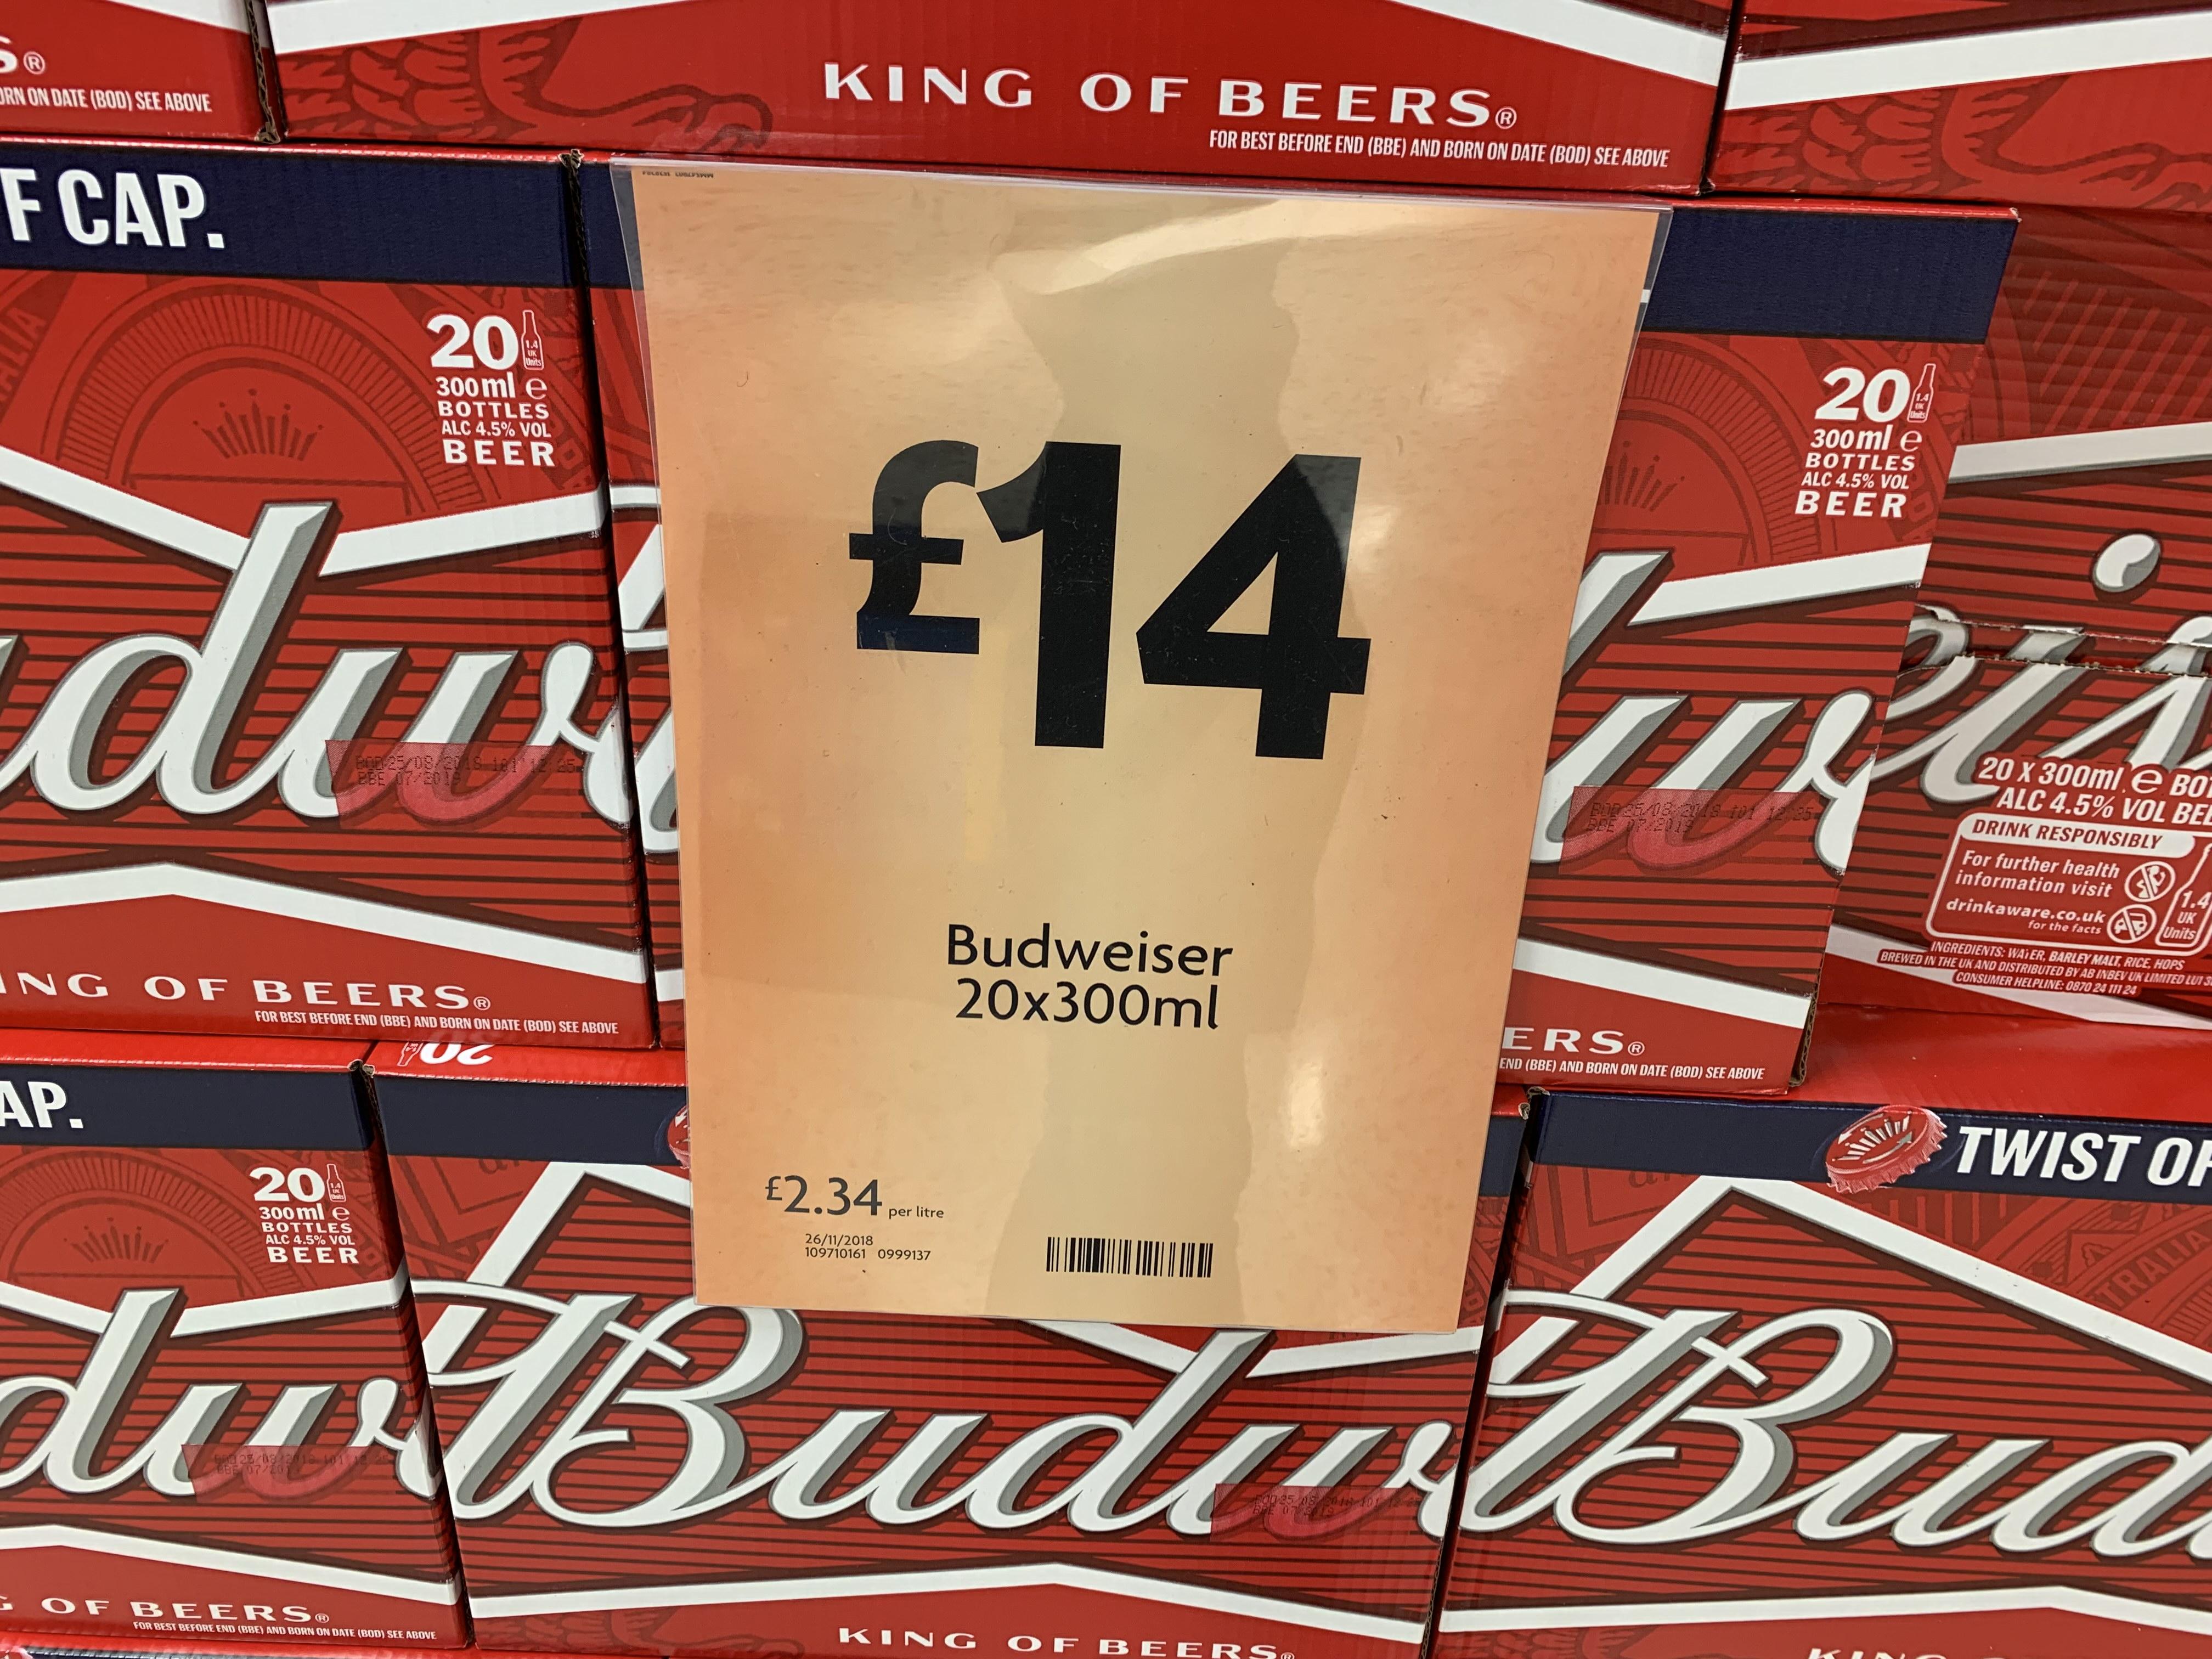 Budweiser 20 Bottles £14 @ Morrisons